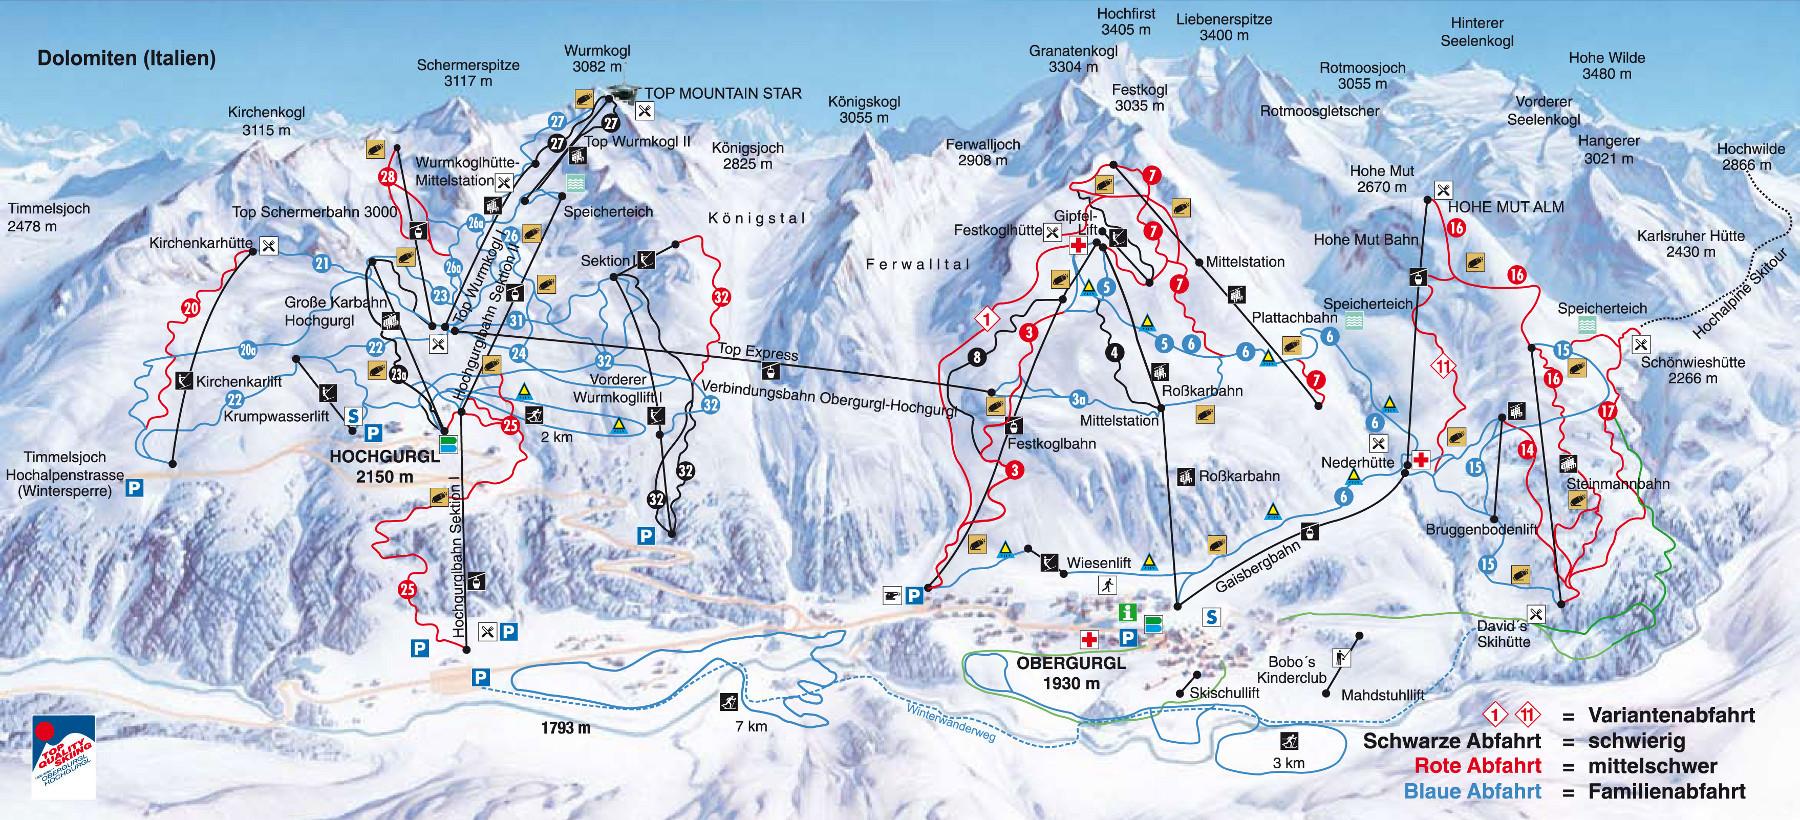 Lyžařská mapa sjezdovek areálu Obergurgl / Hochgurgl